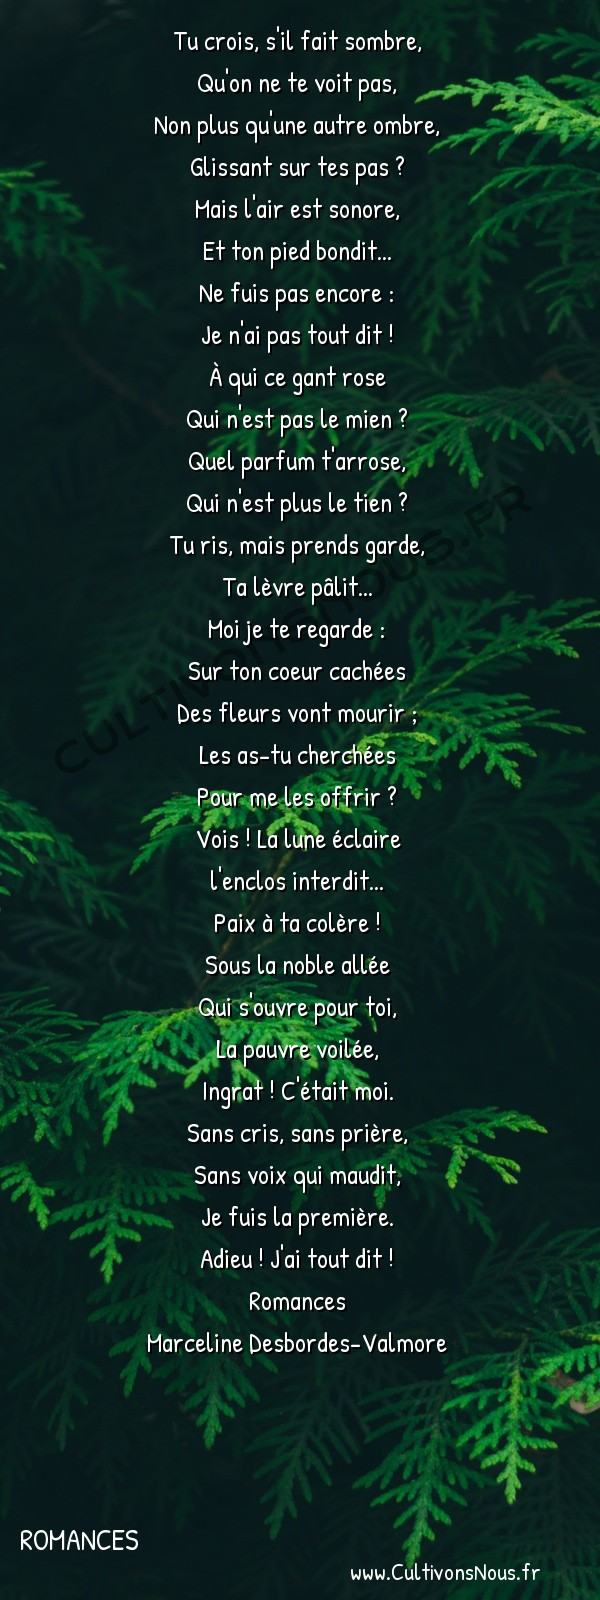 Poésie Marceline Desbordes-Valmore - Romances - Ne fuis pas encore -  Tu crois, s'il fait sombre, Qu'on ne te voit pas,